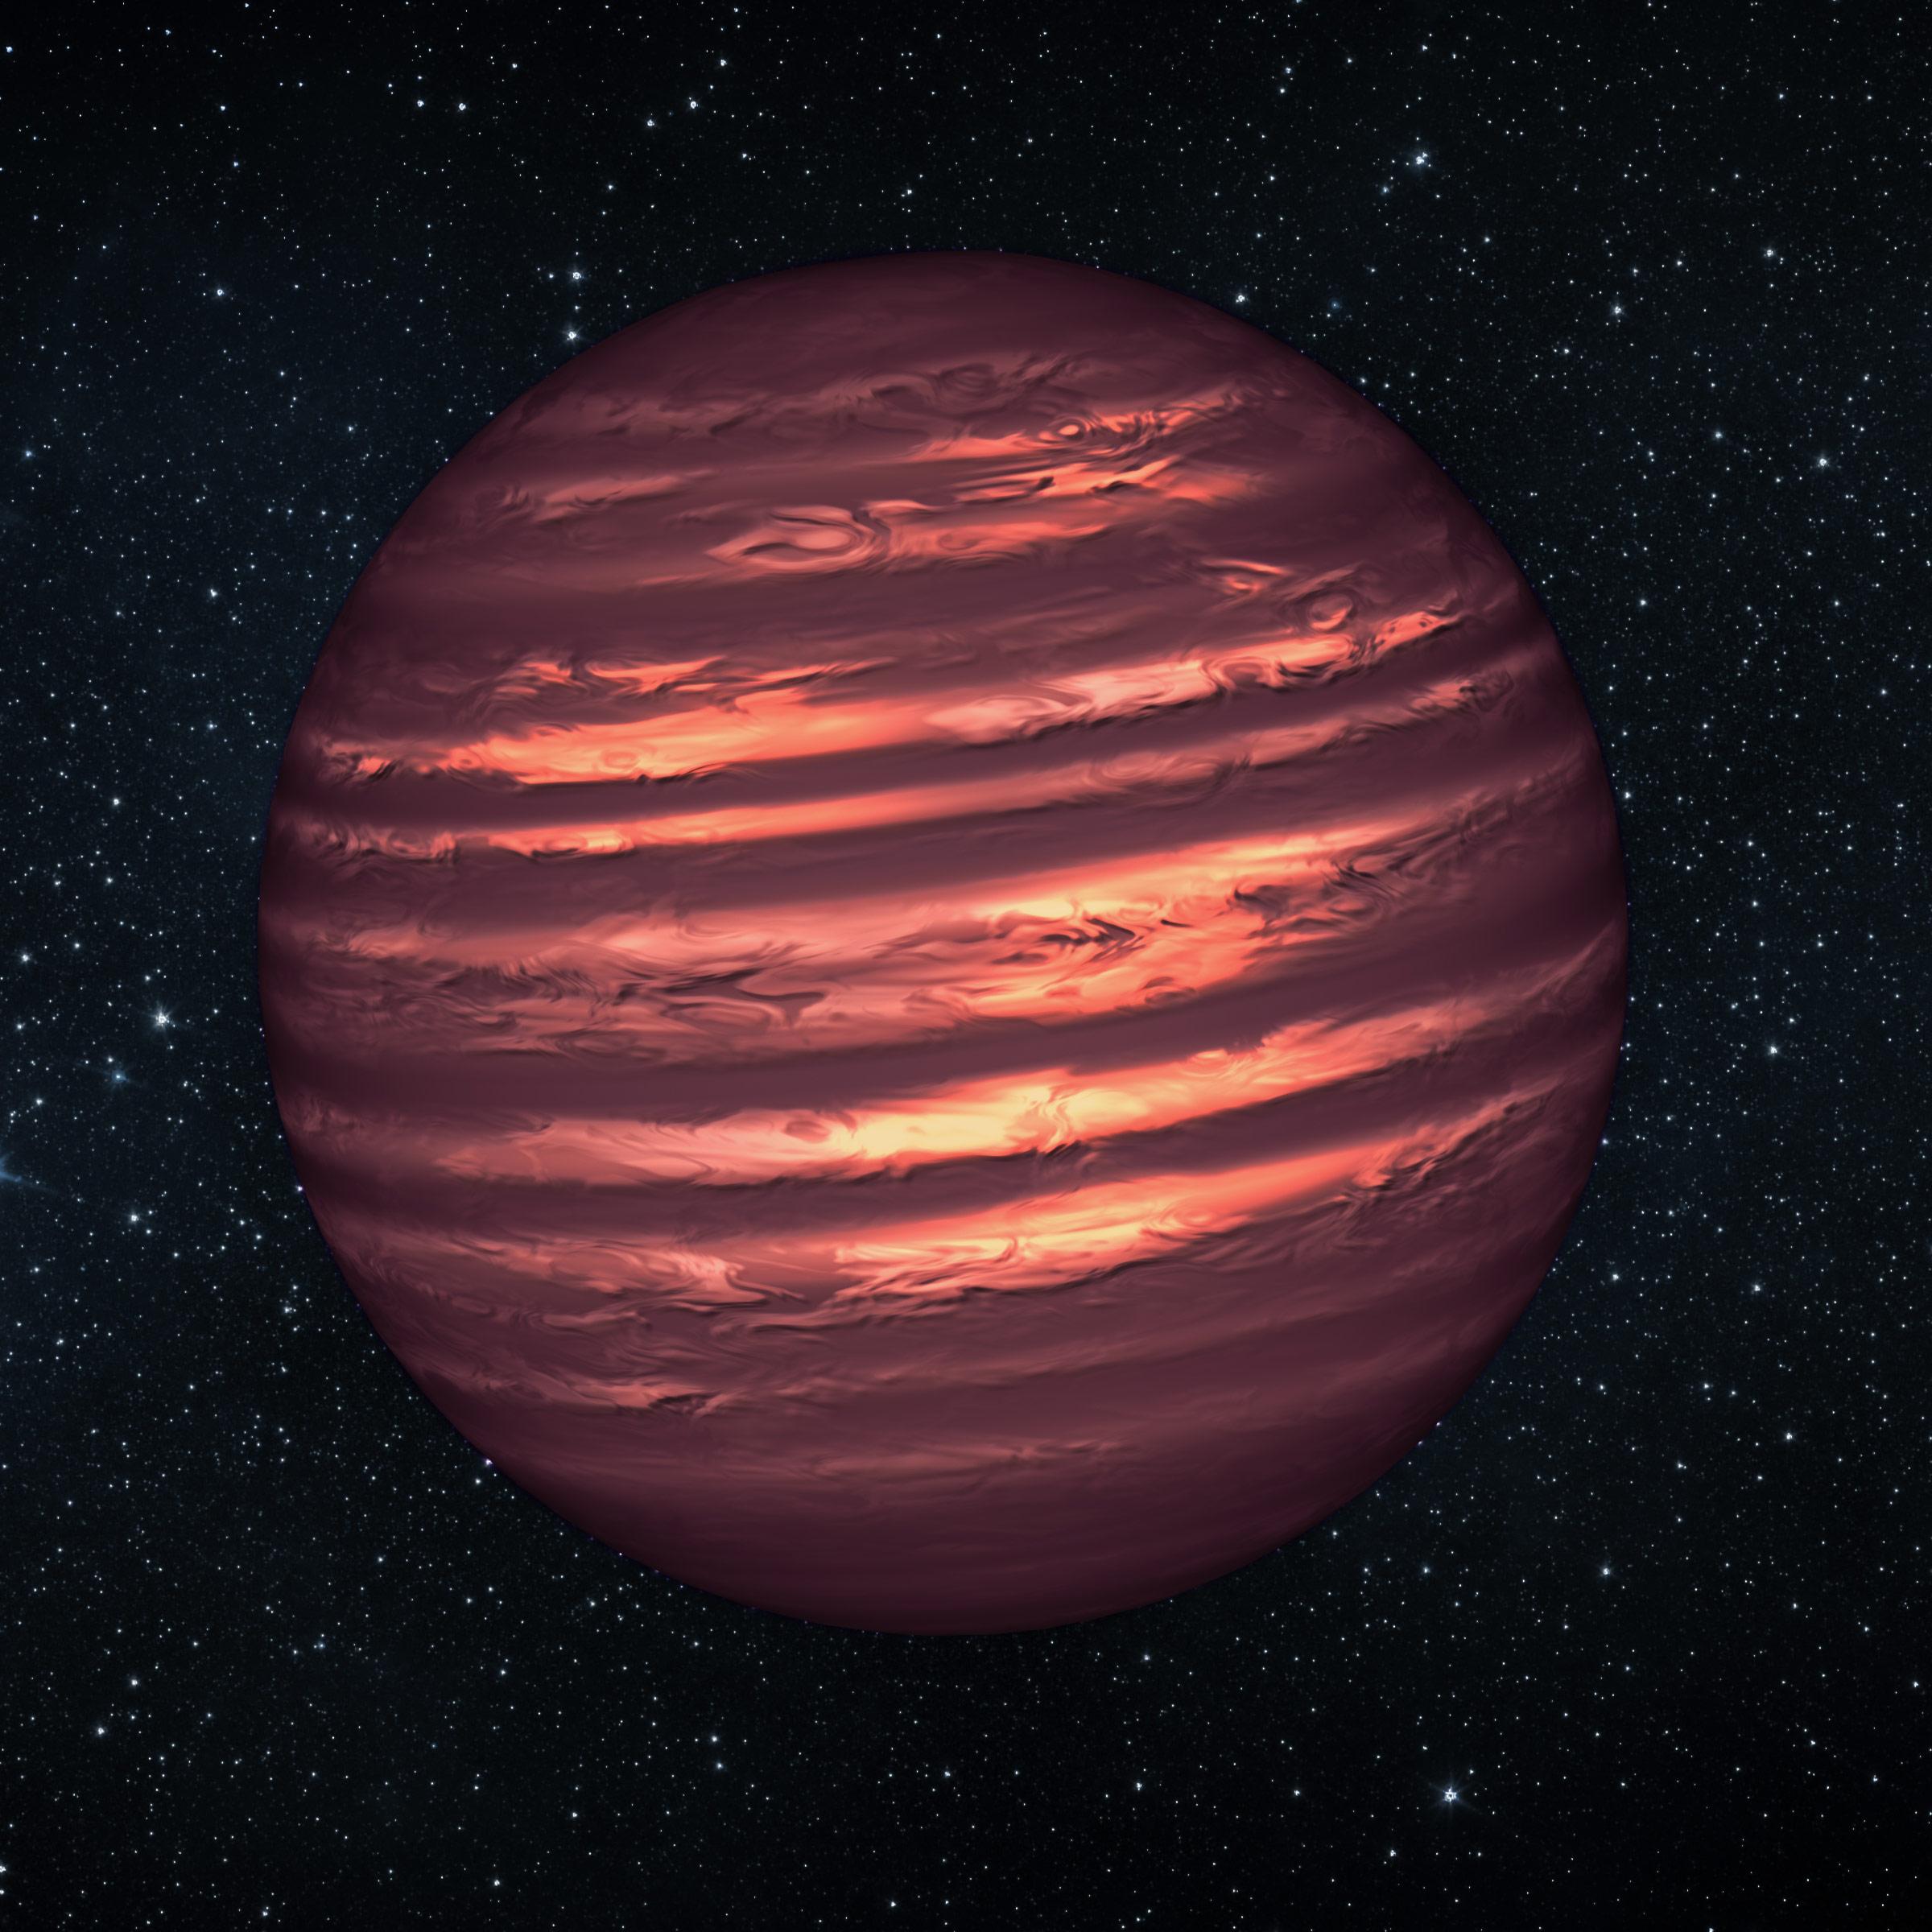 Izvor: NASA / JPL / Jonathan Gagne